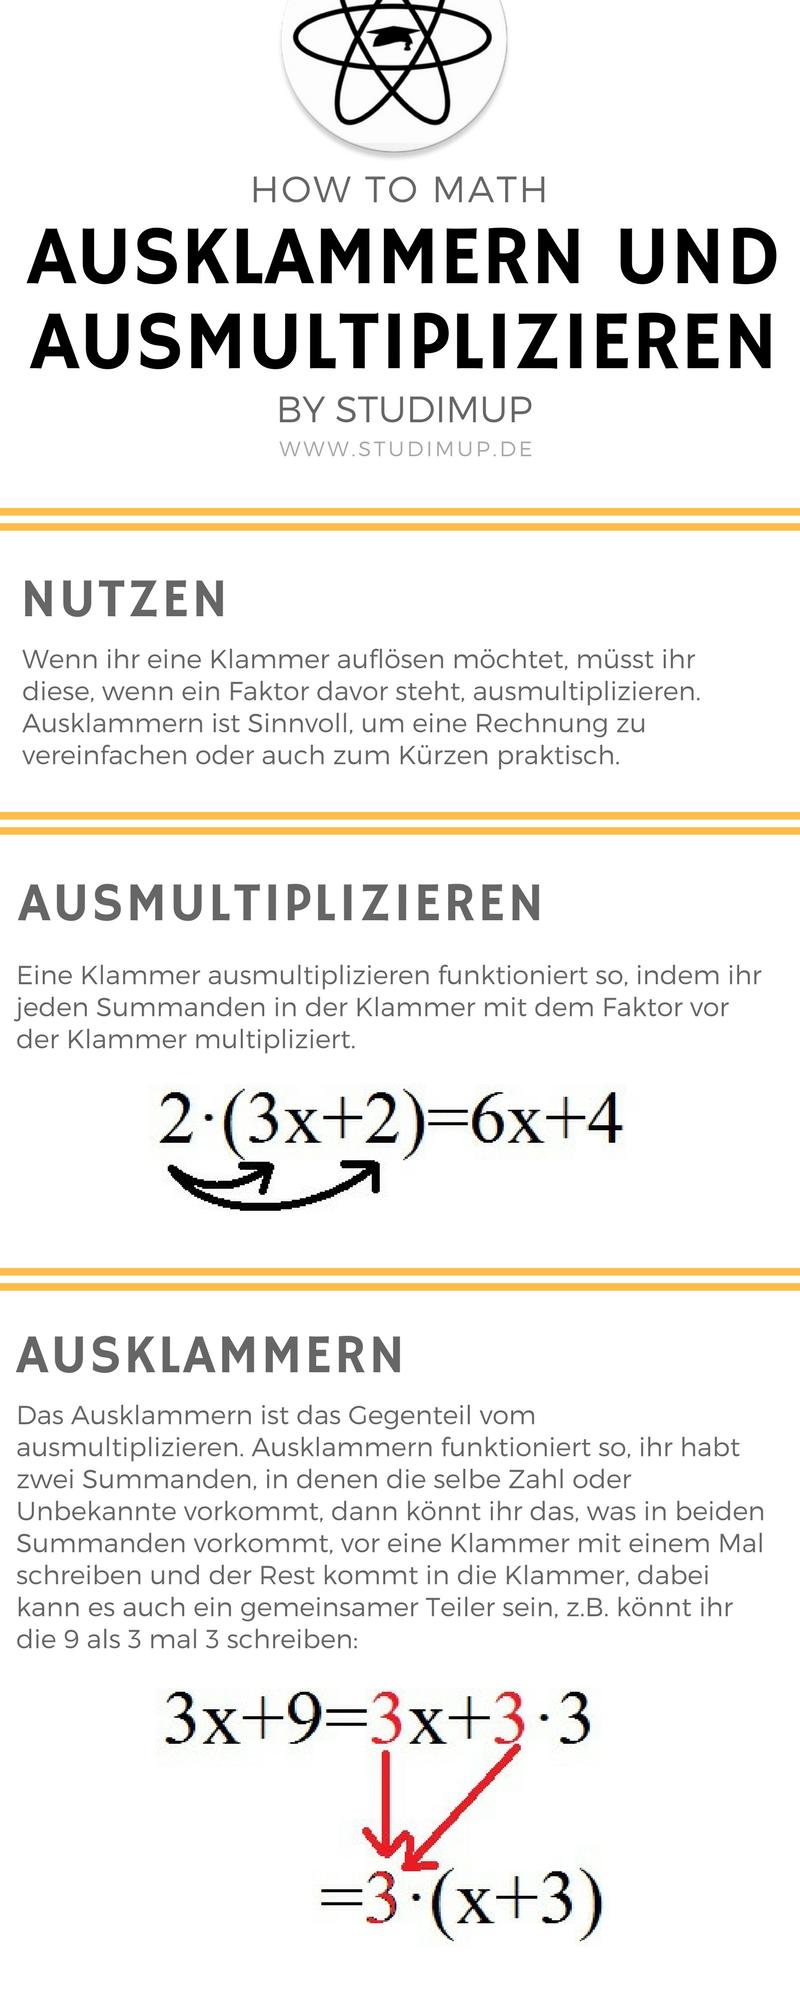 Klammern Richtig Ausklammern Und Ausmultiplizieren Mathe Einfach Erklart Und Leicht Zu Lernen Mathematik Mathematik Lernen Nachhilfe Mathe Ausmultiplizieren